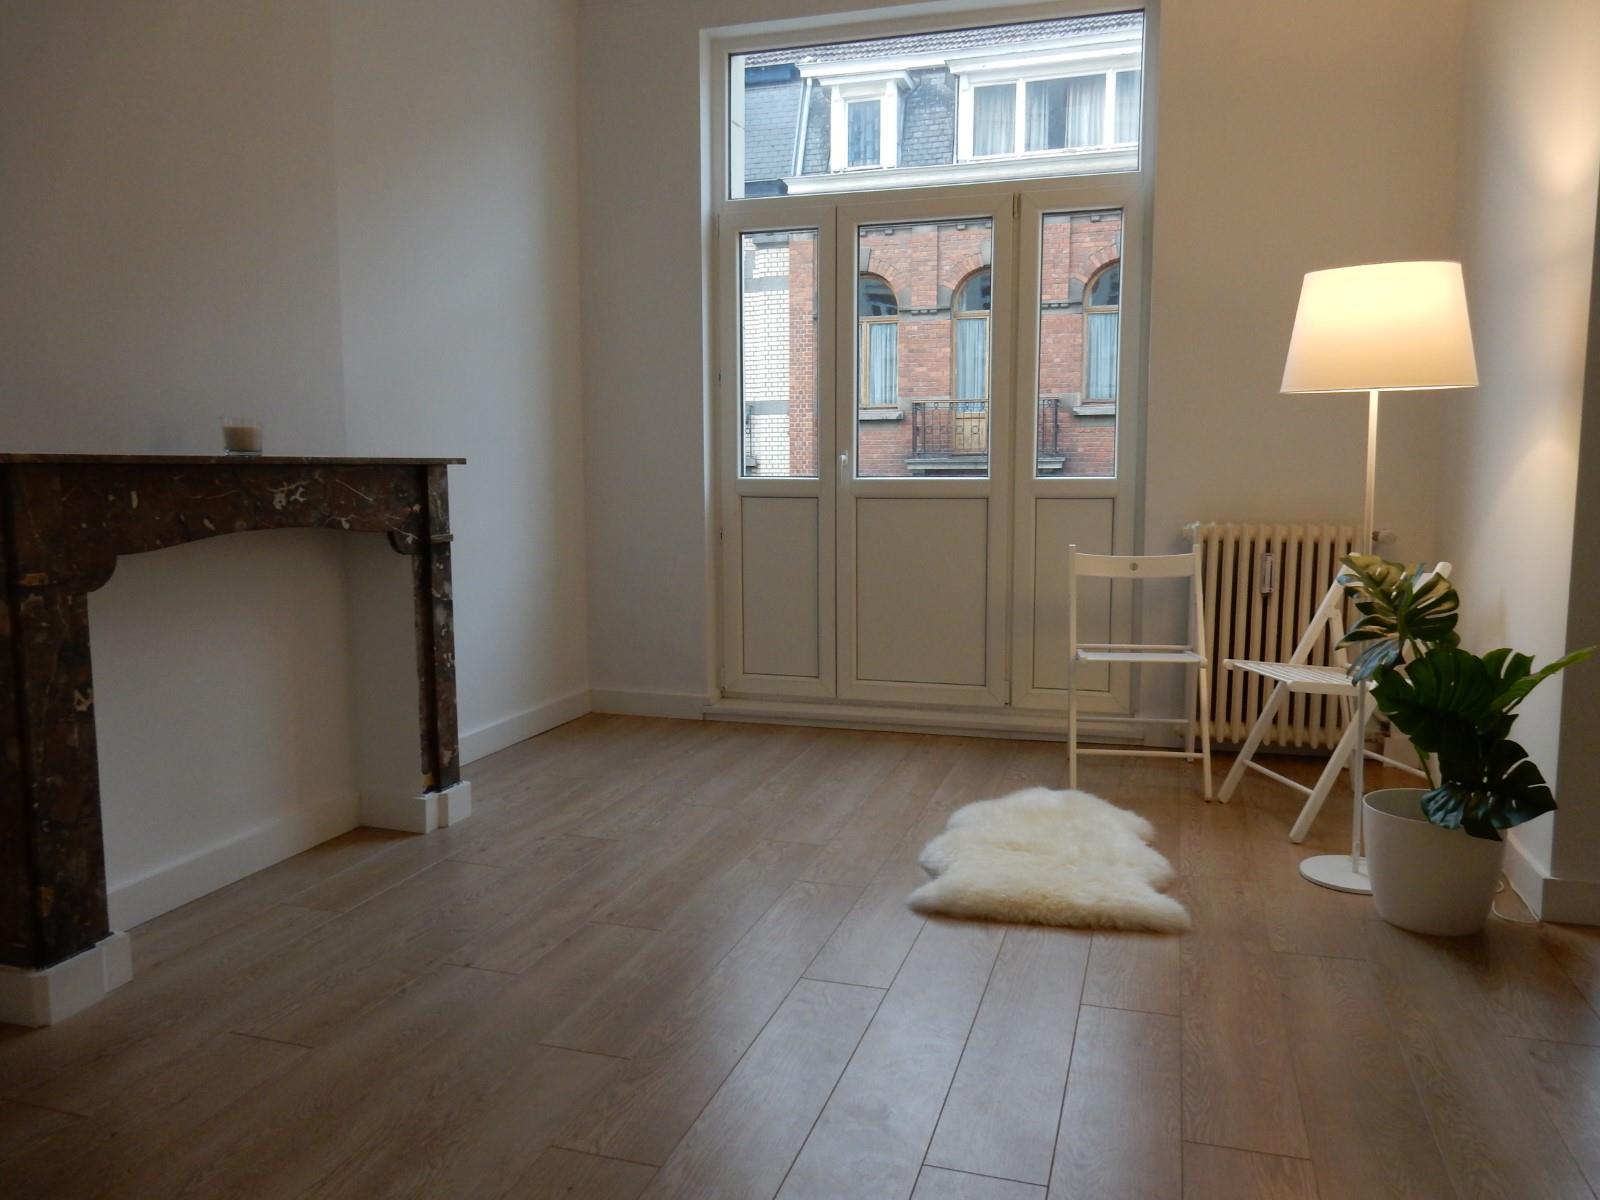 Flat - Ixelles - #3590598-4